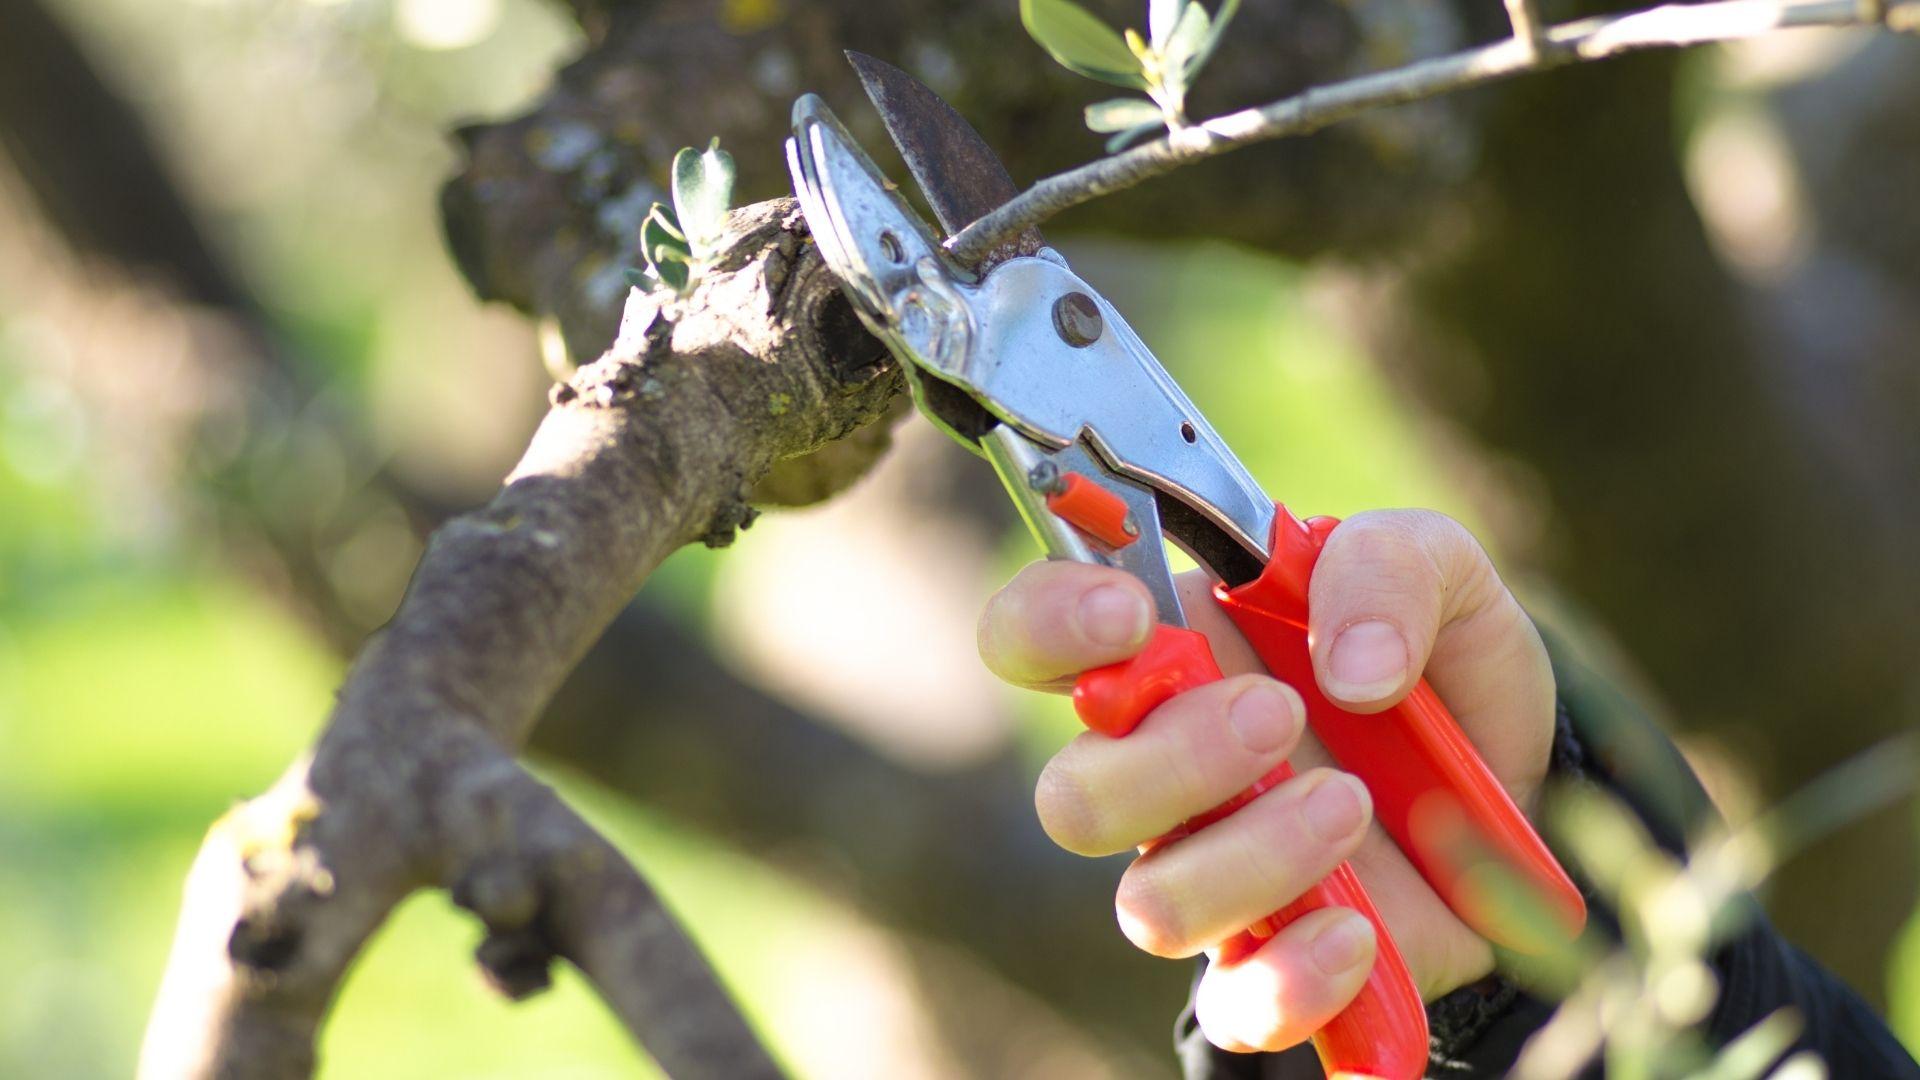 come potare un olivo per migliorare la produzione